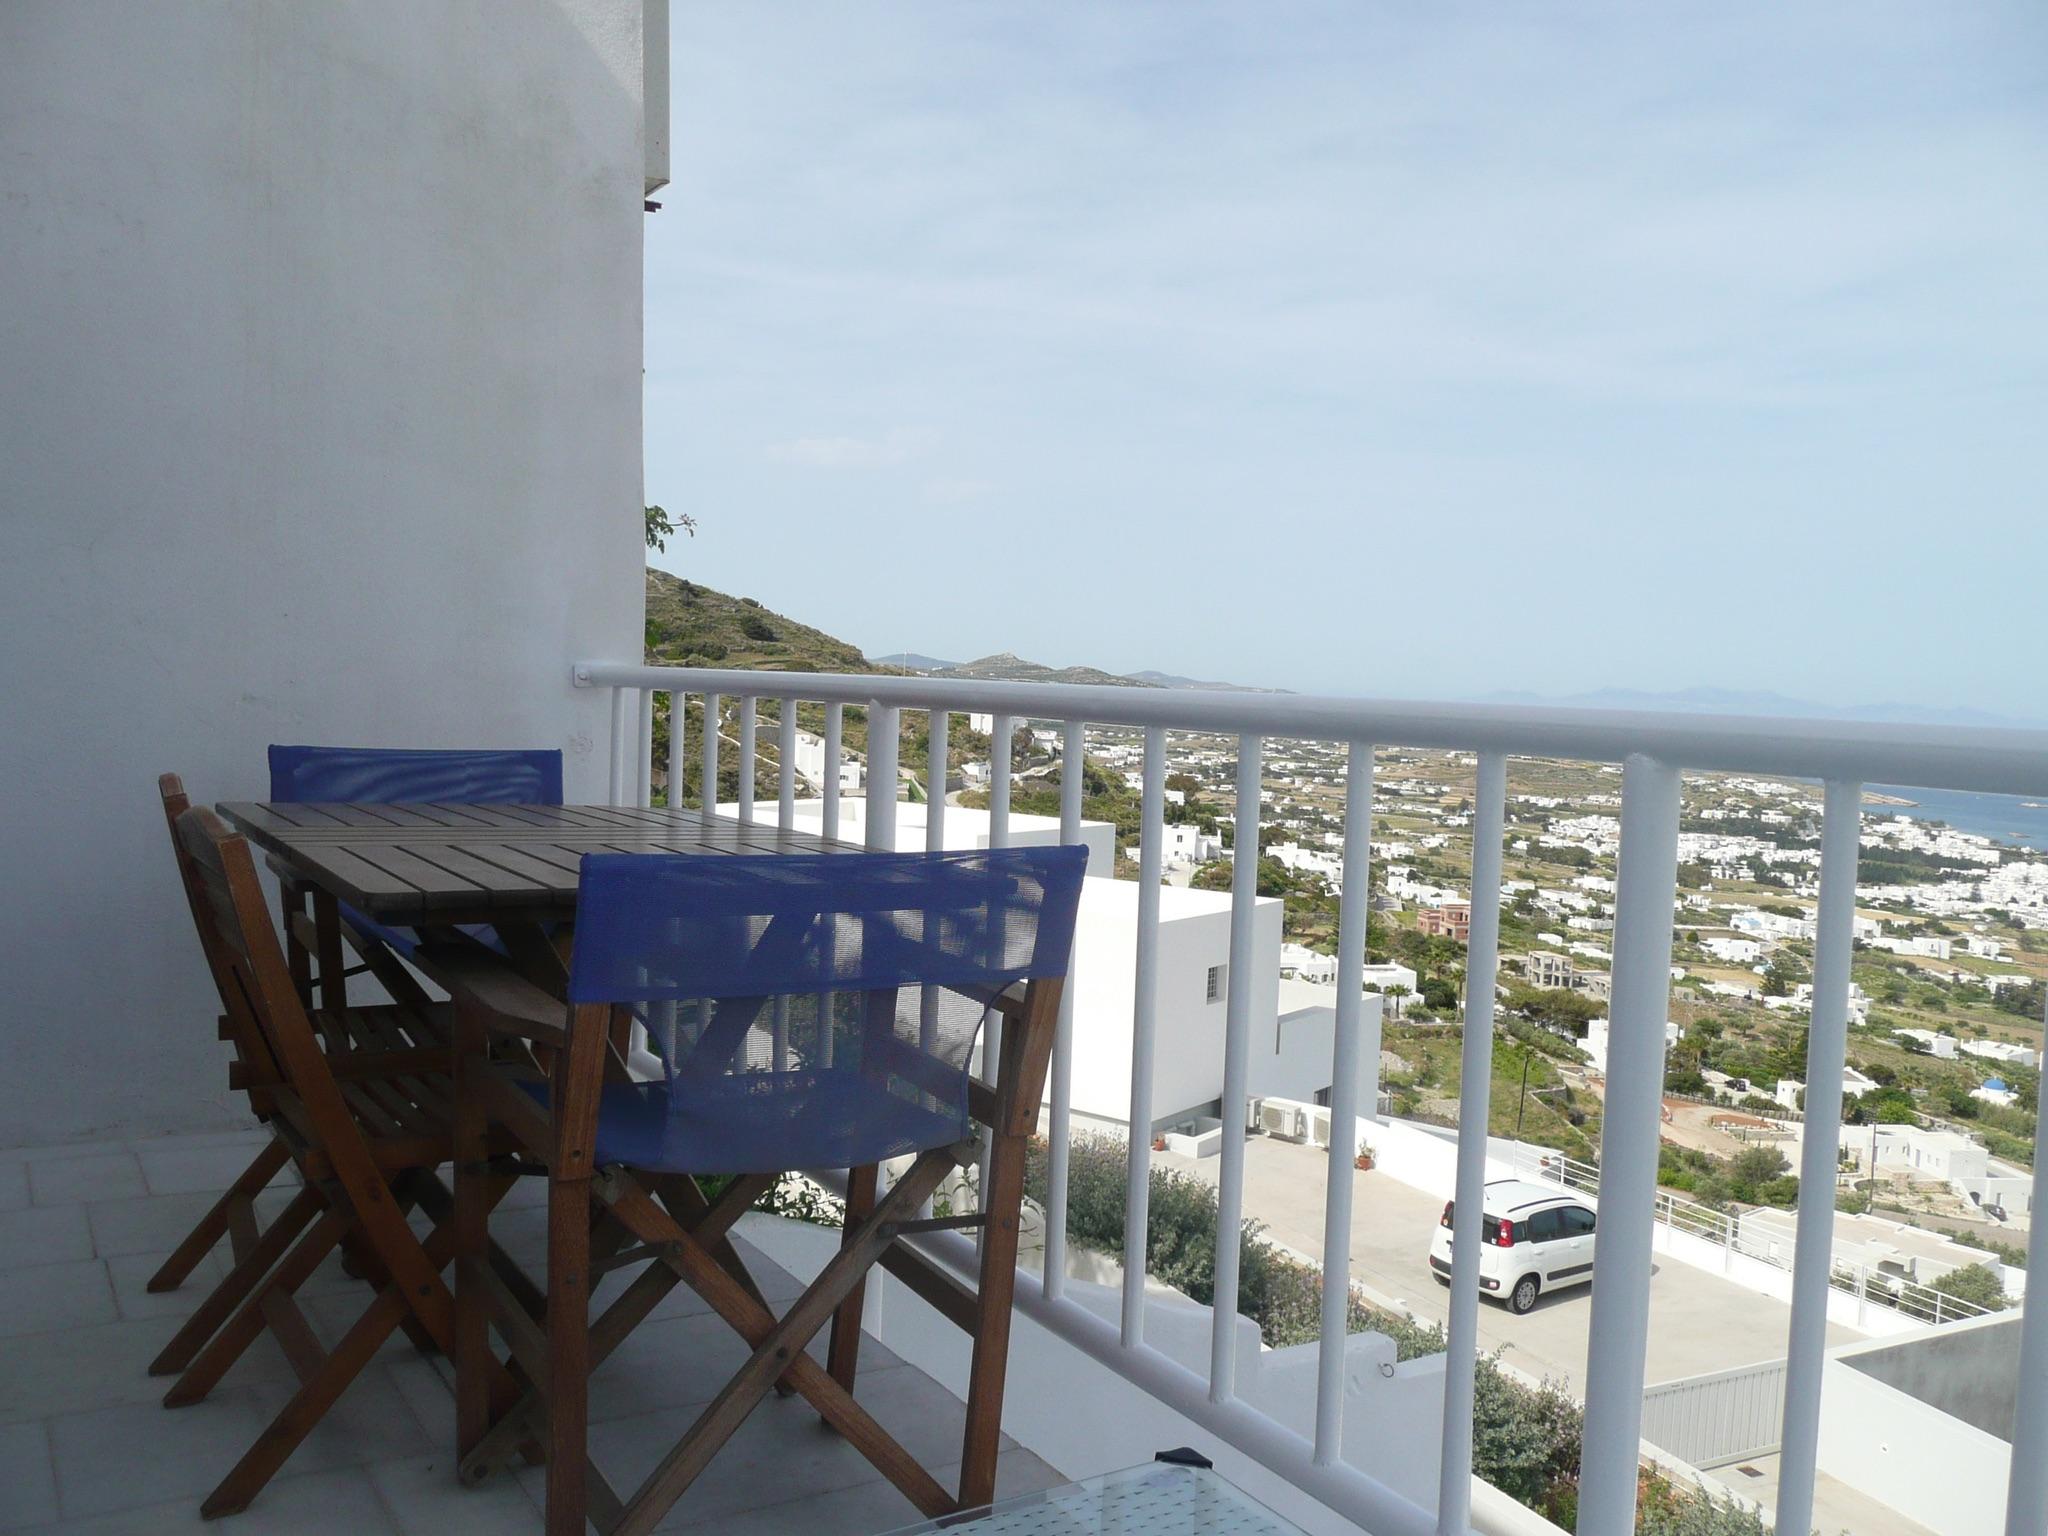 Ferienhaus Villa im Kykladen-Stil auf Paros (Griechenland), mit 2 Schlafzimmern, Gemeinschaftspool &  (2201782), Paros, Paros, Kykladen, Griechenland, Bild 16